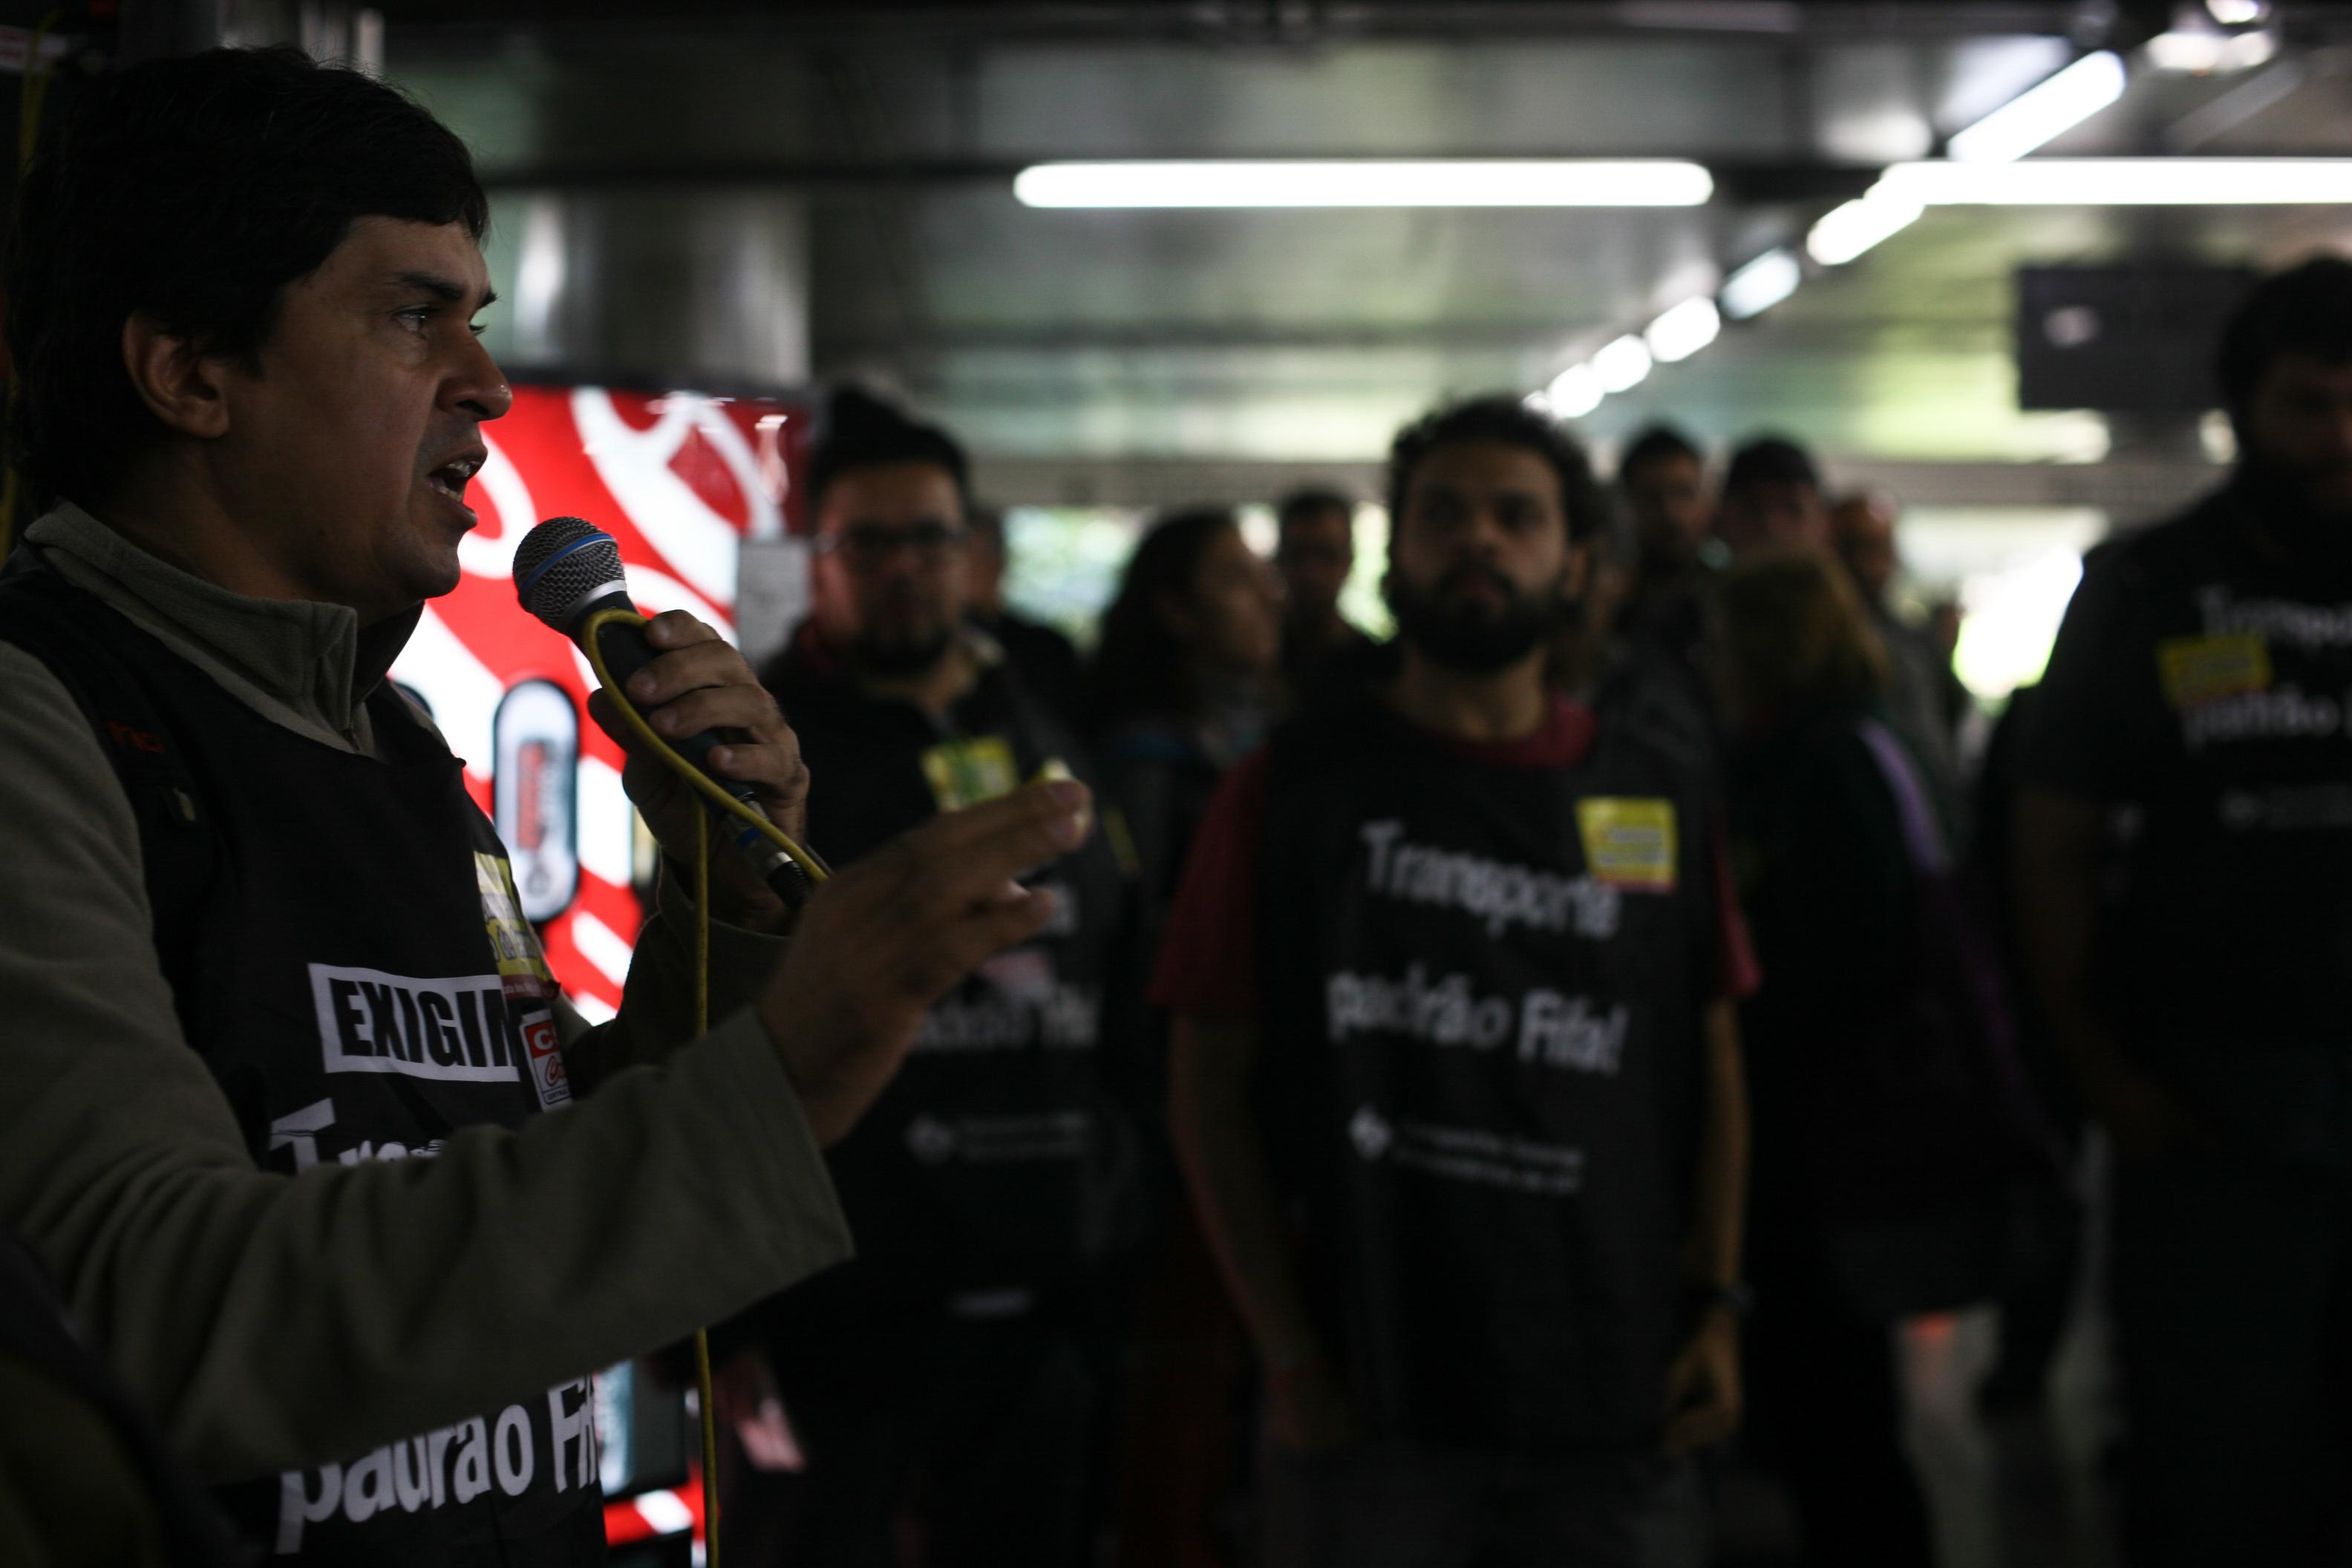 Manifestação dos metroviários de São Paulo na Estação Sé do Metrô, com saída dos trabalhadores que ficaram em frente a categral